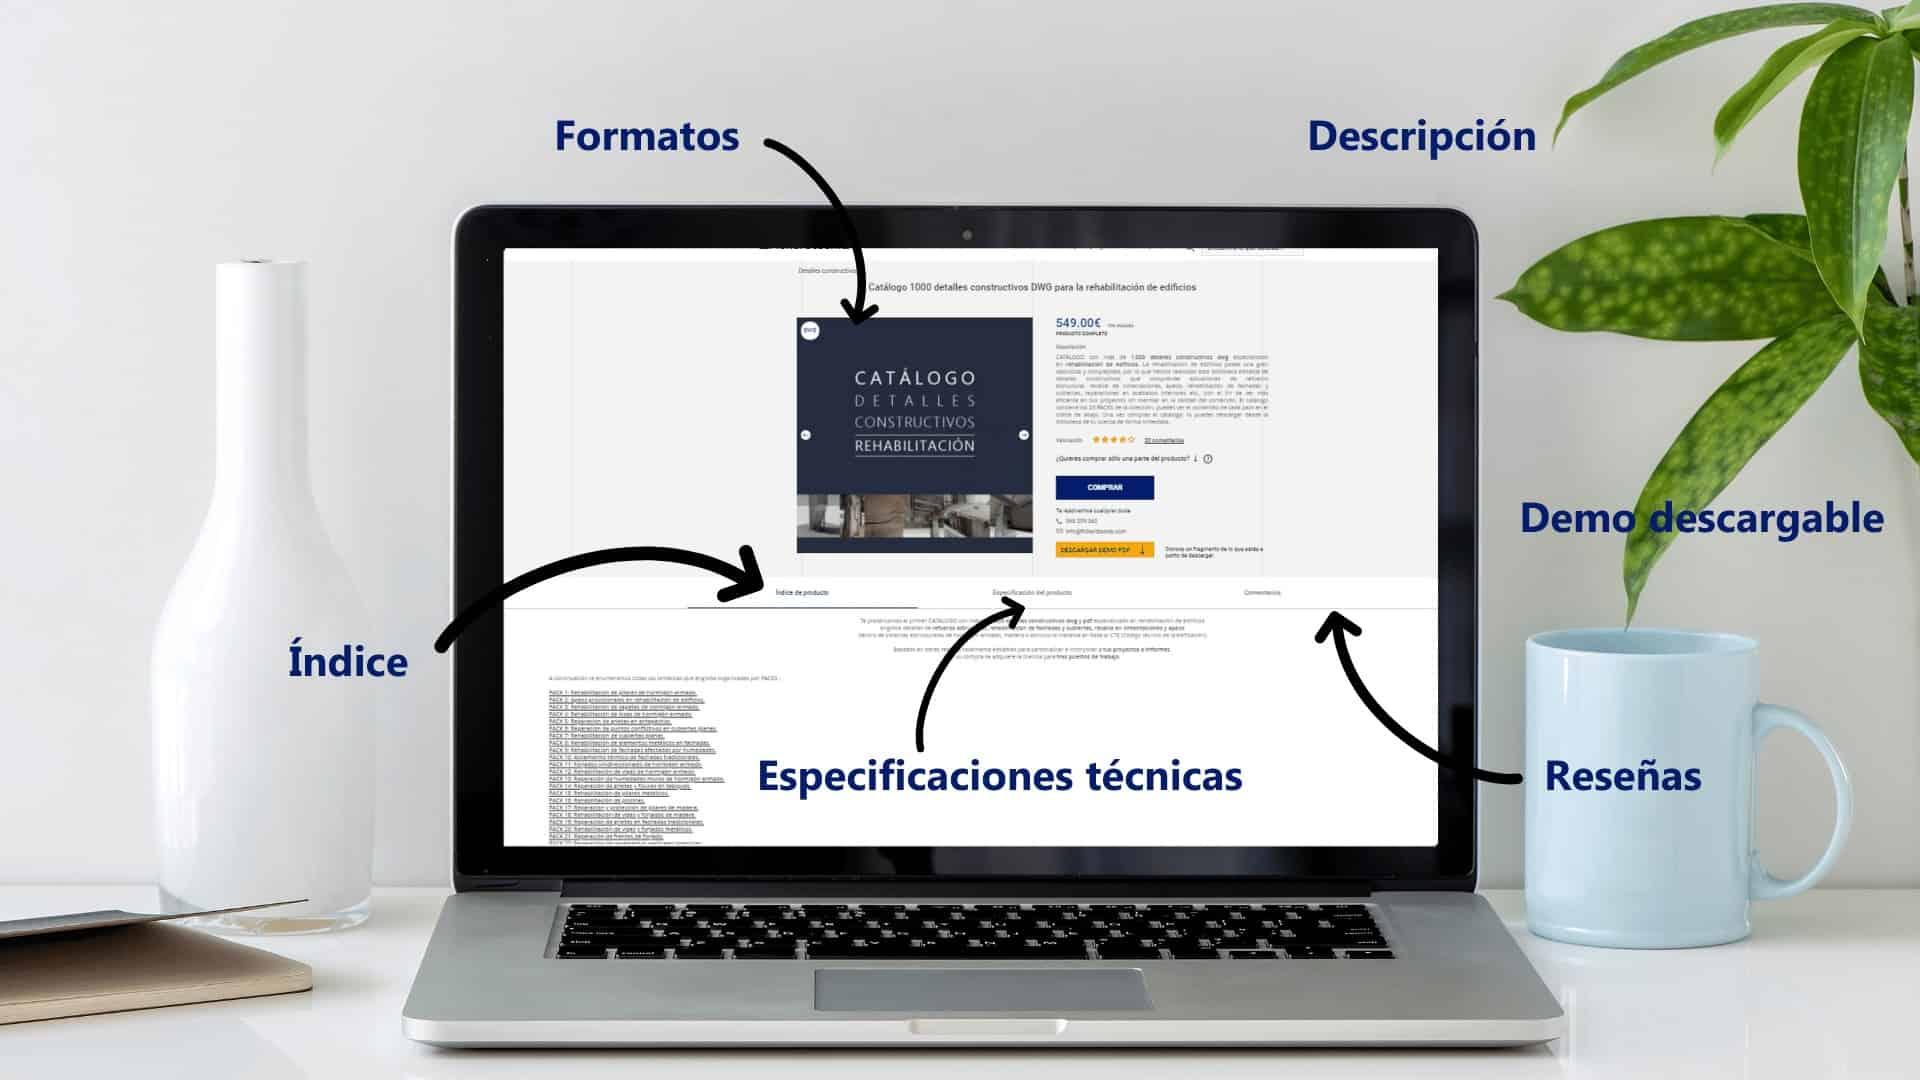 ficha-producto-ficherotecnia